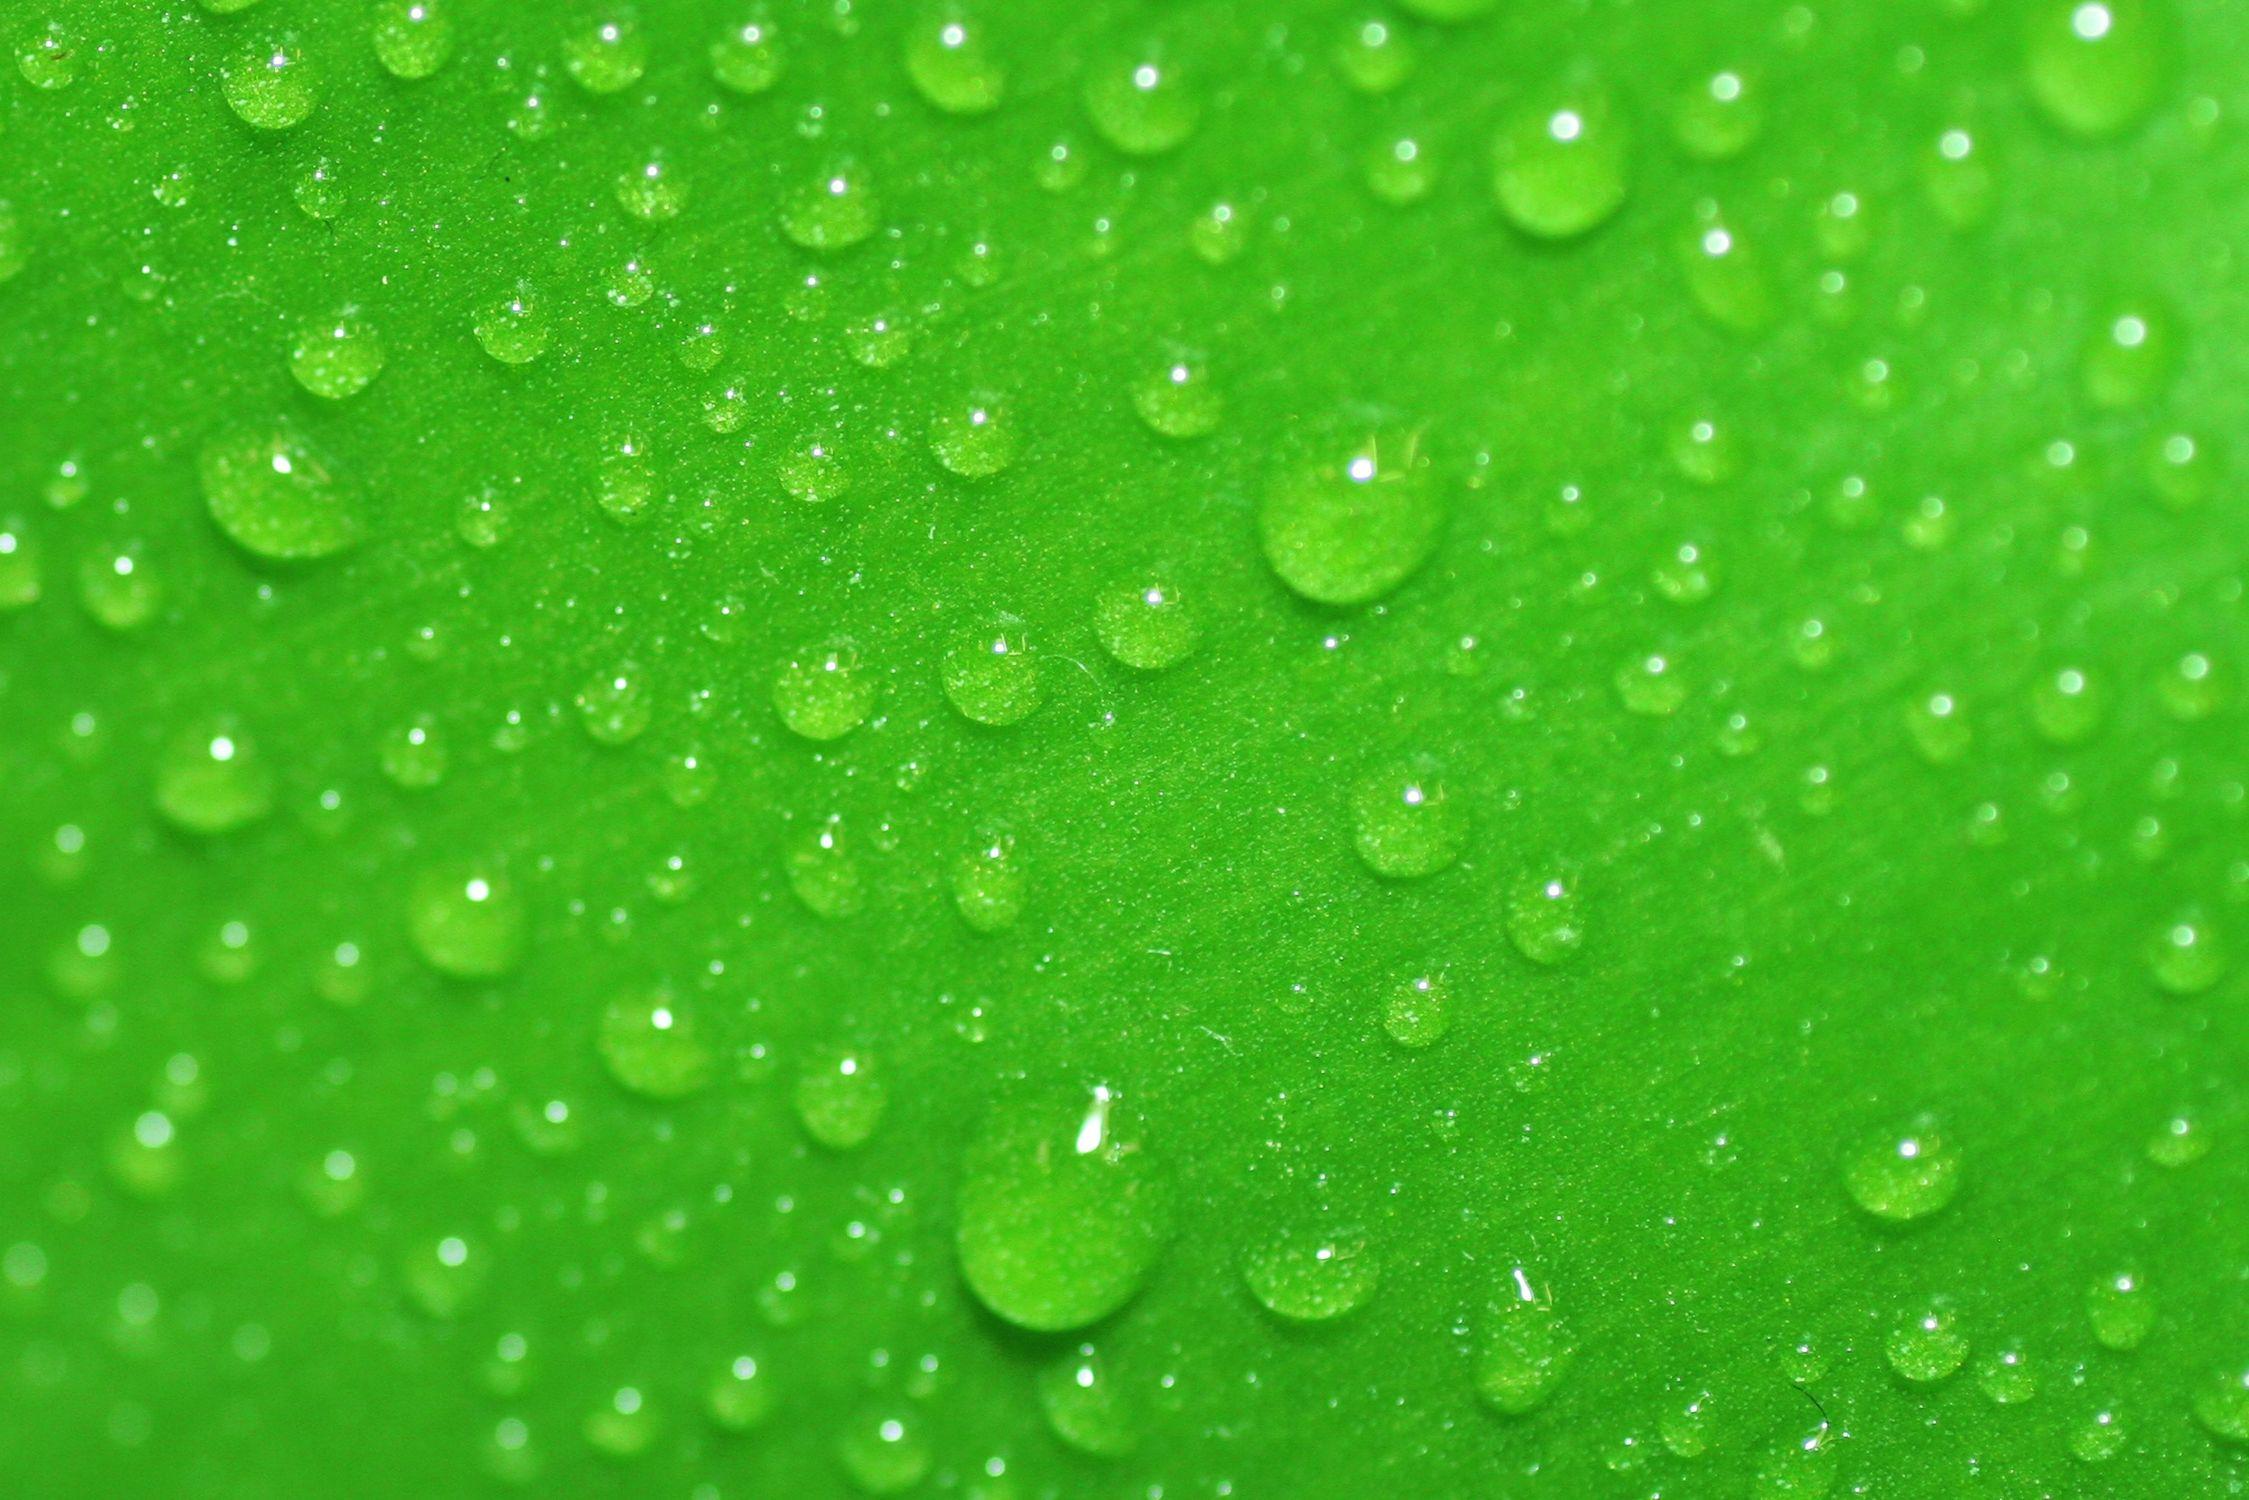 Bild mit Farben, Natur, Elemente, Wasser, Grün, Pflanzen, Gräser